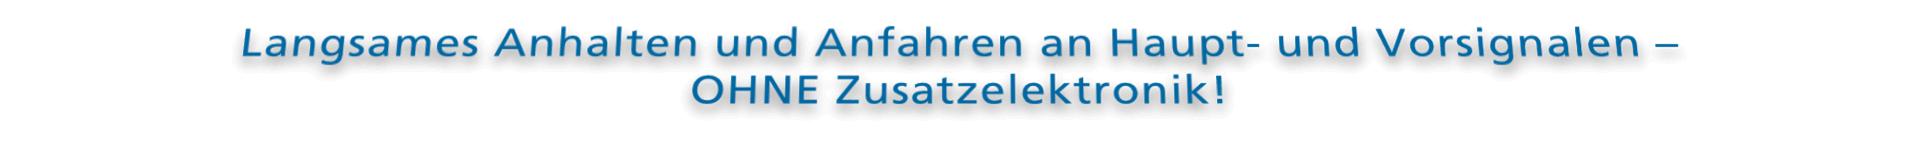 Langsames Anhalten und Anfahren an Hauptsignalen und Vorsignalen - OHNE Zusatzelektronik!